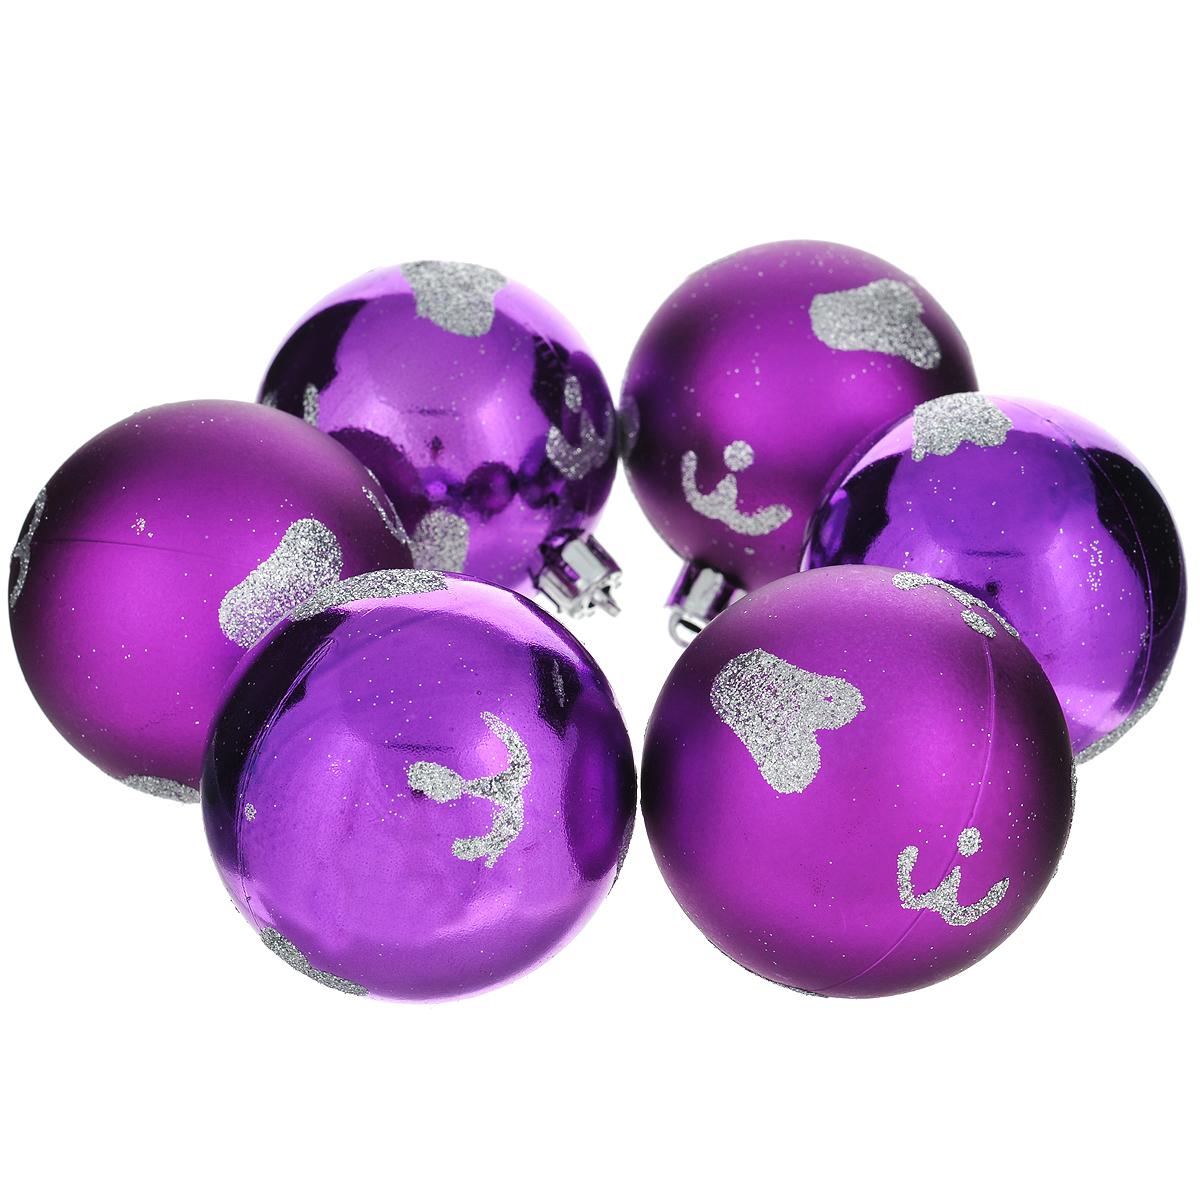 Набор новогодних подвесных украшений Шар, цвет: фиолетовый, диаметр 6 см, 6 шт. 3552535525Набор новогодних подвесных украшений Шар прекрасно подойдет для праздничного декора новогодней ели. Состоит из шести шаров. Елочная игрушка - символ Нового года. Она несет в себе волшебство и красоту праздника. Создайте в своем доме атмосферу веселья и радости, украшая новогоднюю елку нарядными игрушками, которые будут из года в год накапливать теплоту воспоминаний. Коллекция декоративных украшений принесет в ваш дом ни с чем несравнимое ощущение волшебства! Откройте для себя удивительный мир сказок и грез. Почувствуйте волшебные минуты ожидания праздника, создайте новогоднее настроение вашим дорогим и близким.